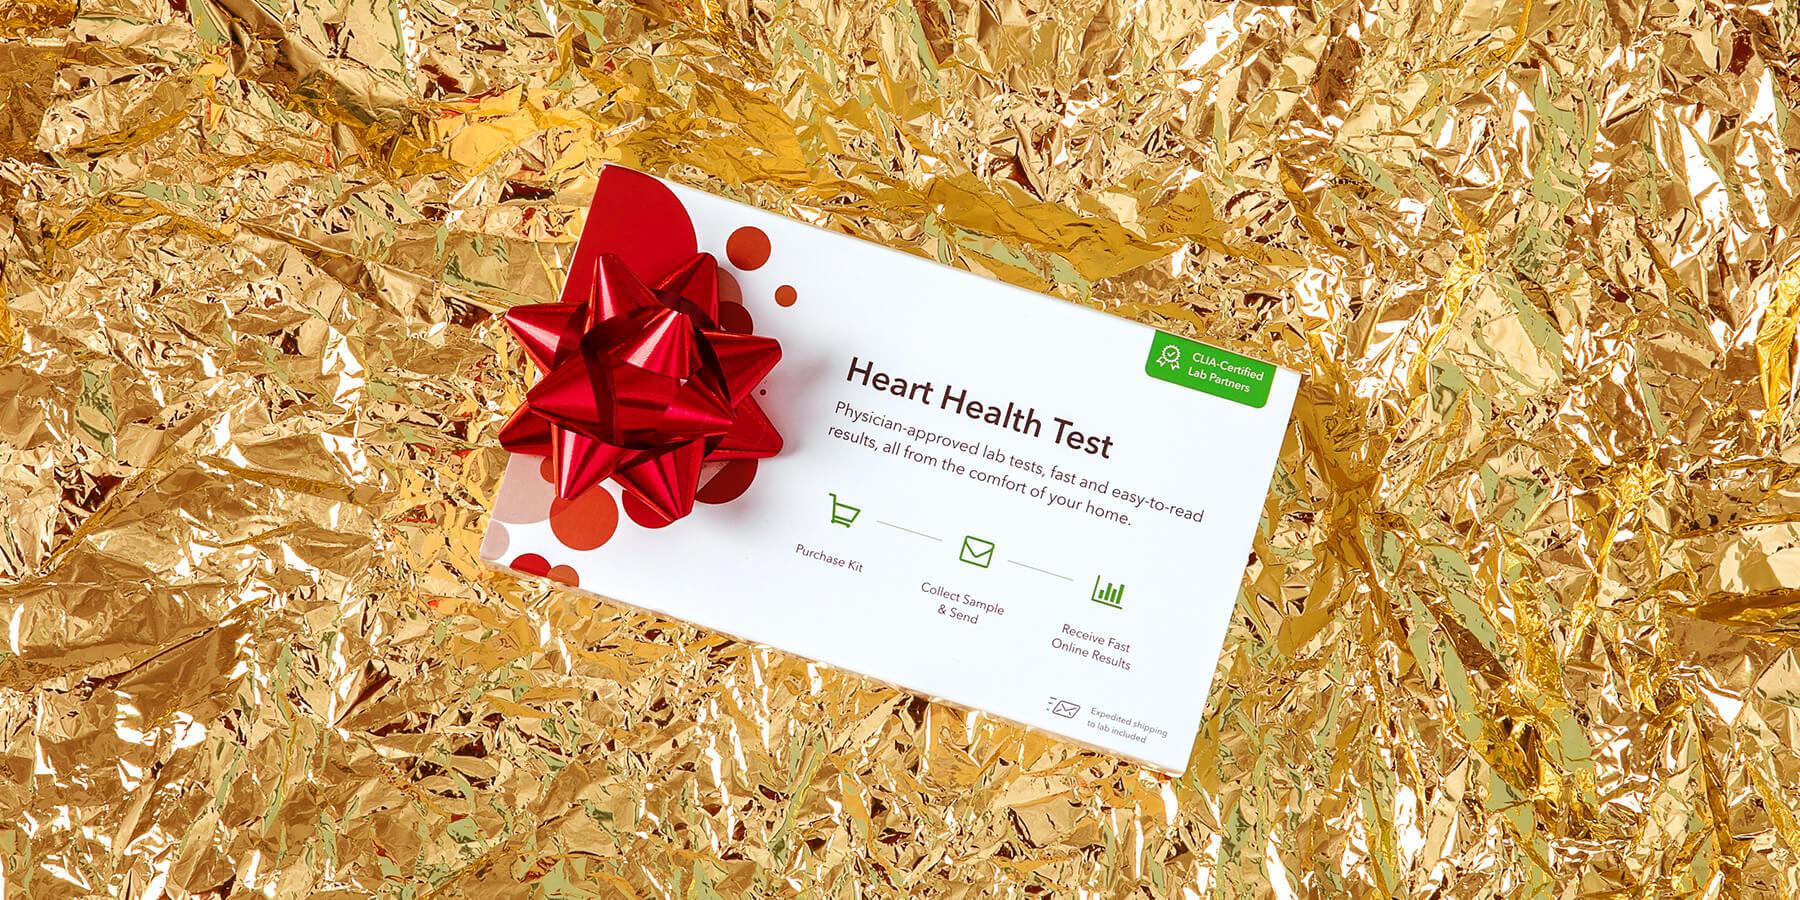 Holiday heart health